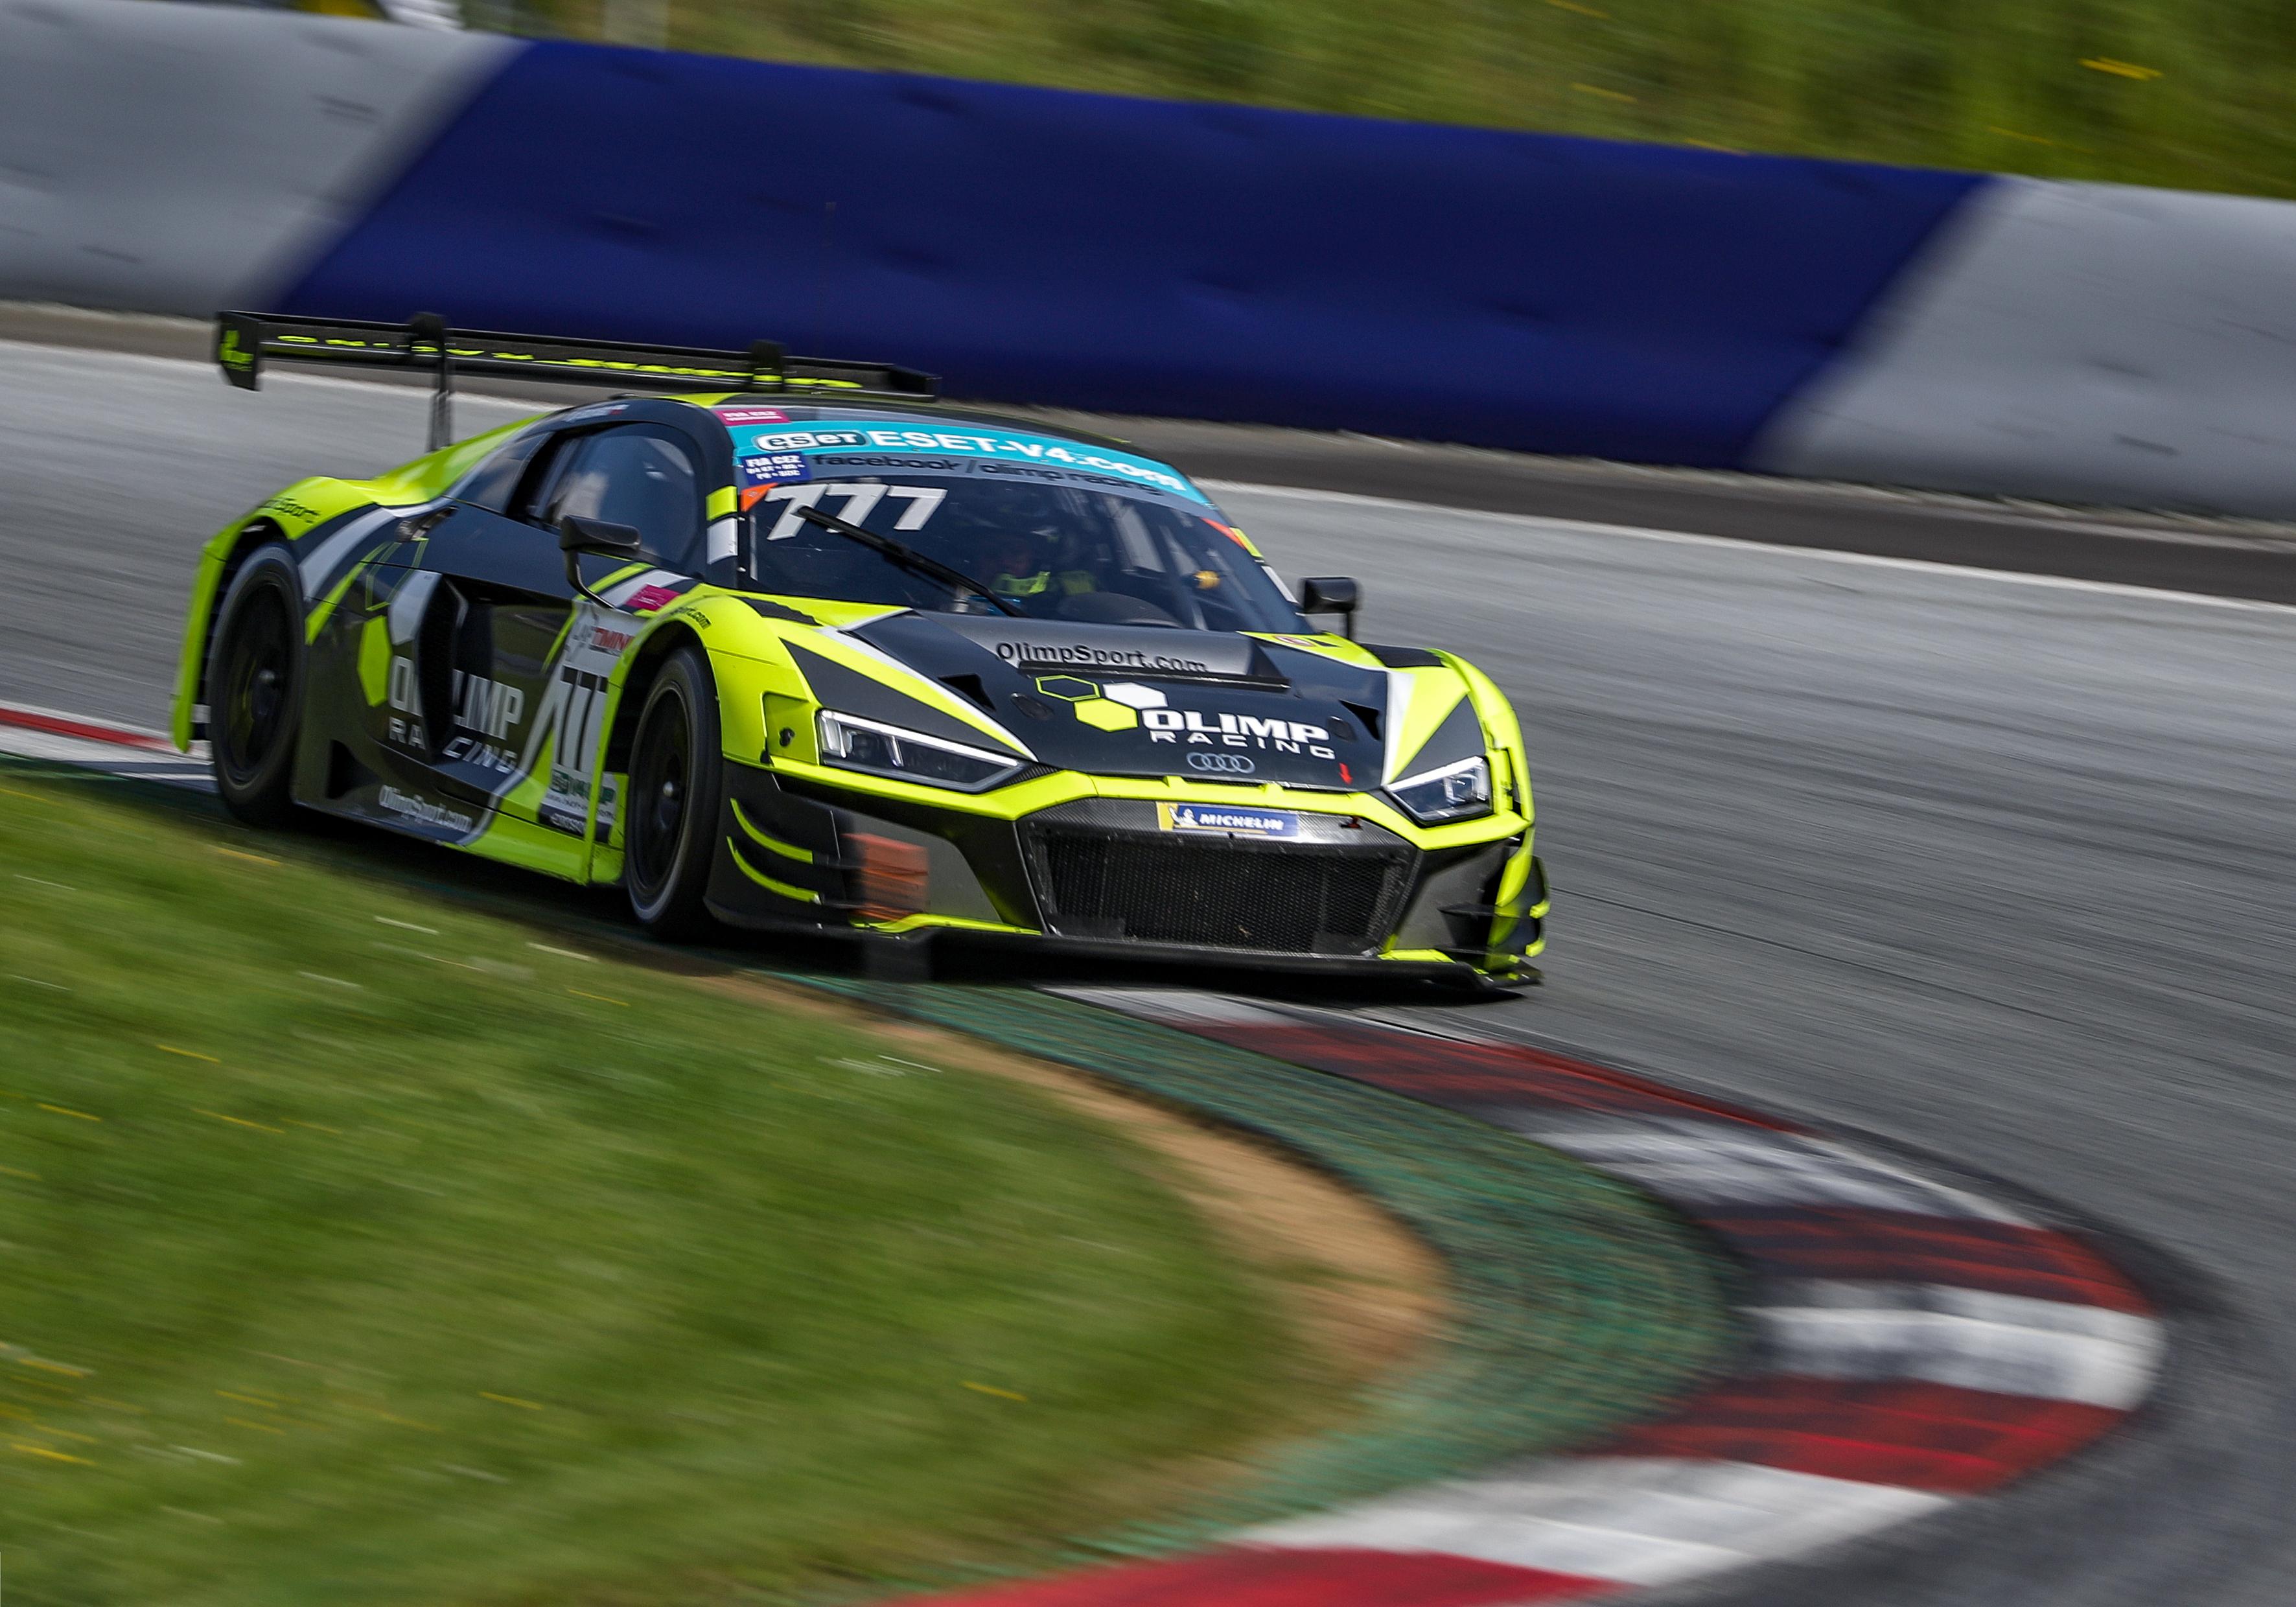 Mateusz Lisowski diktoval tempo v závodě GT